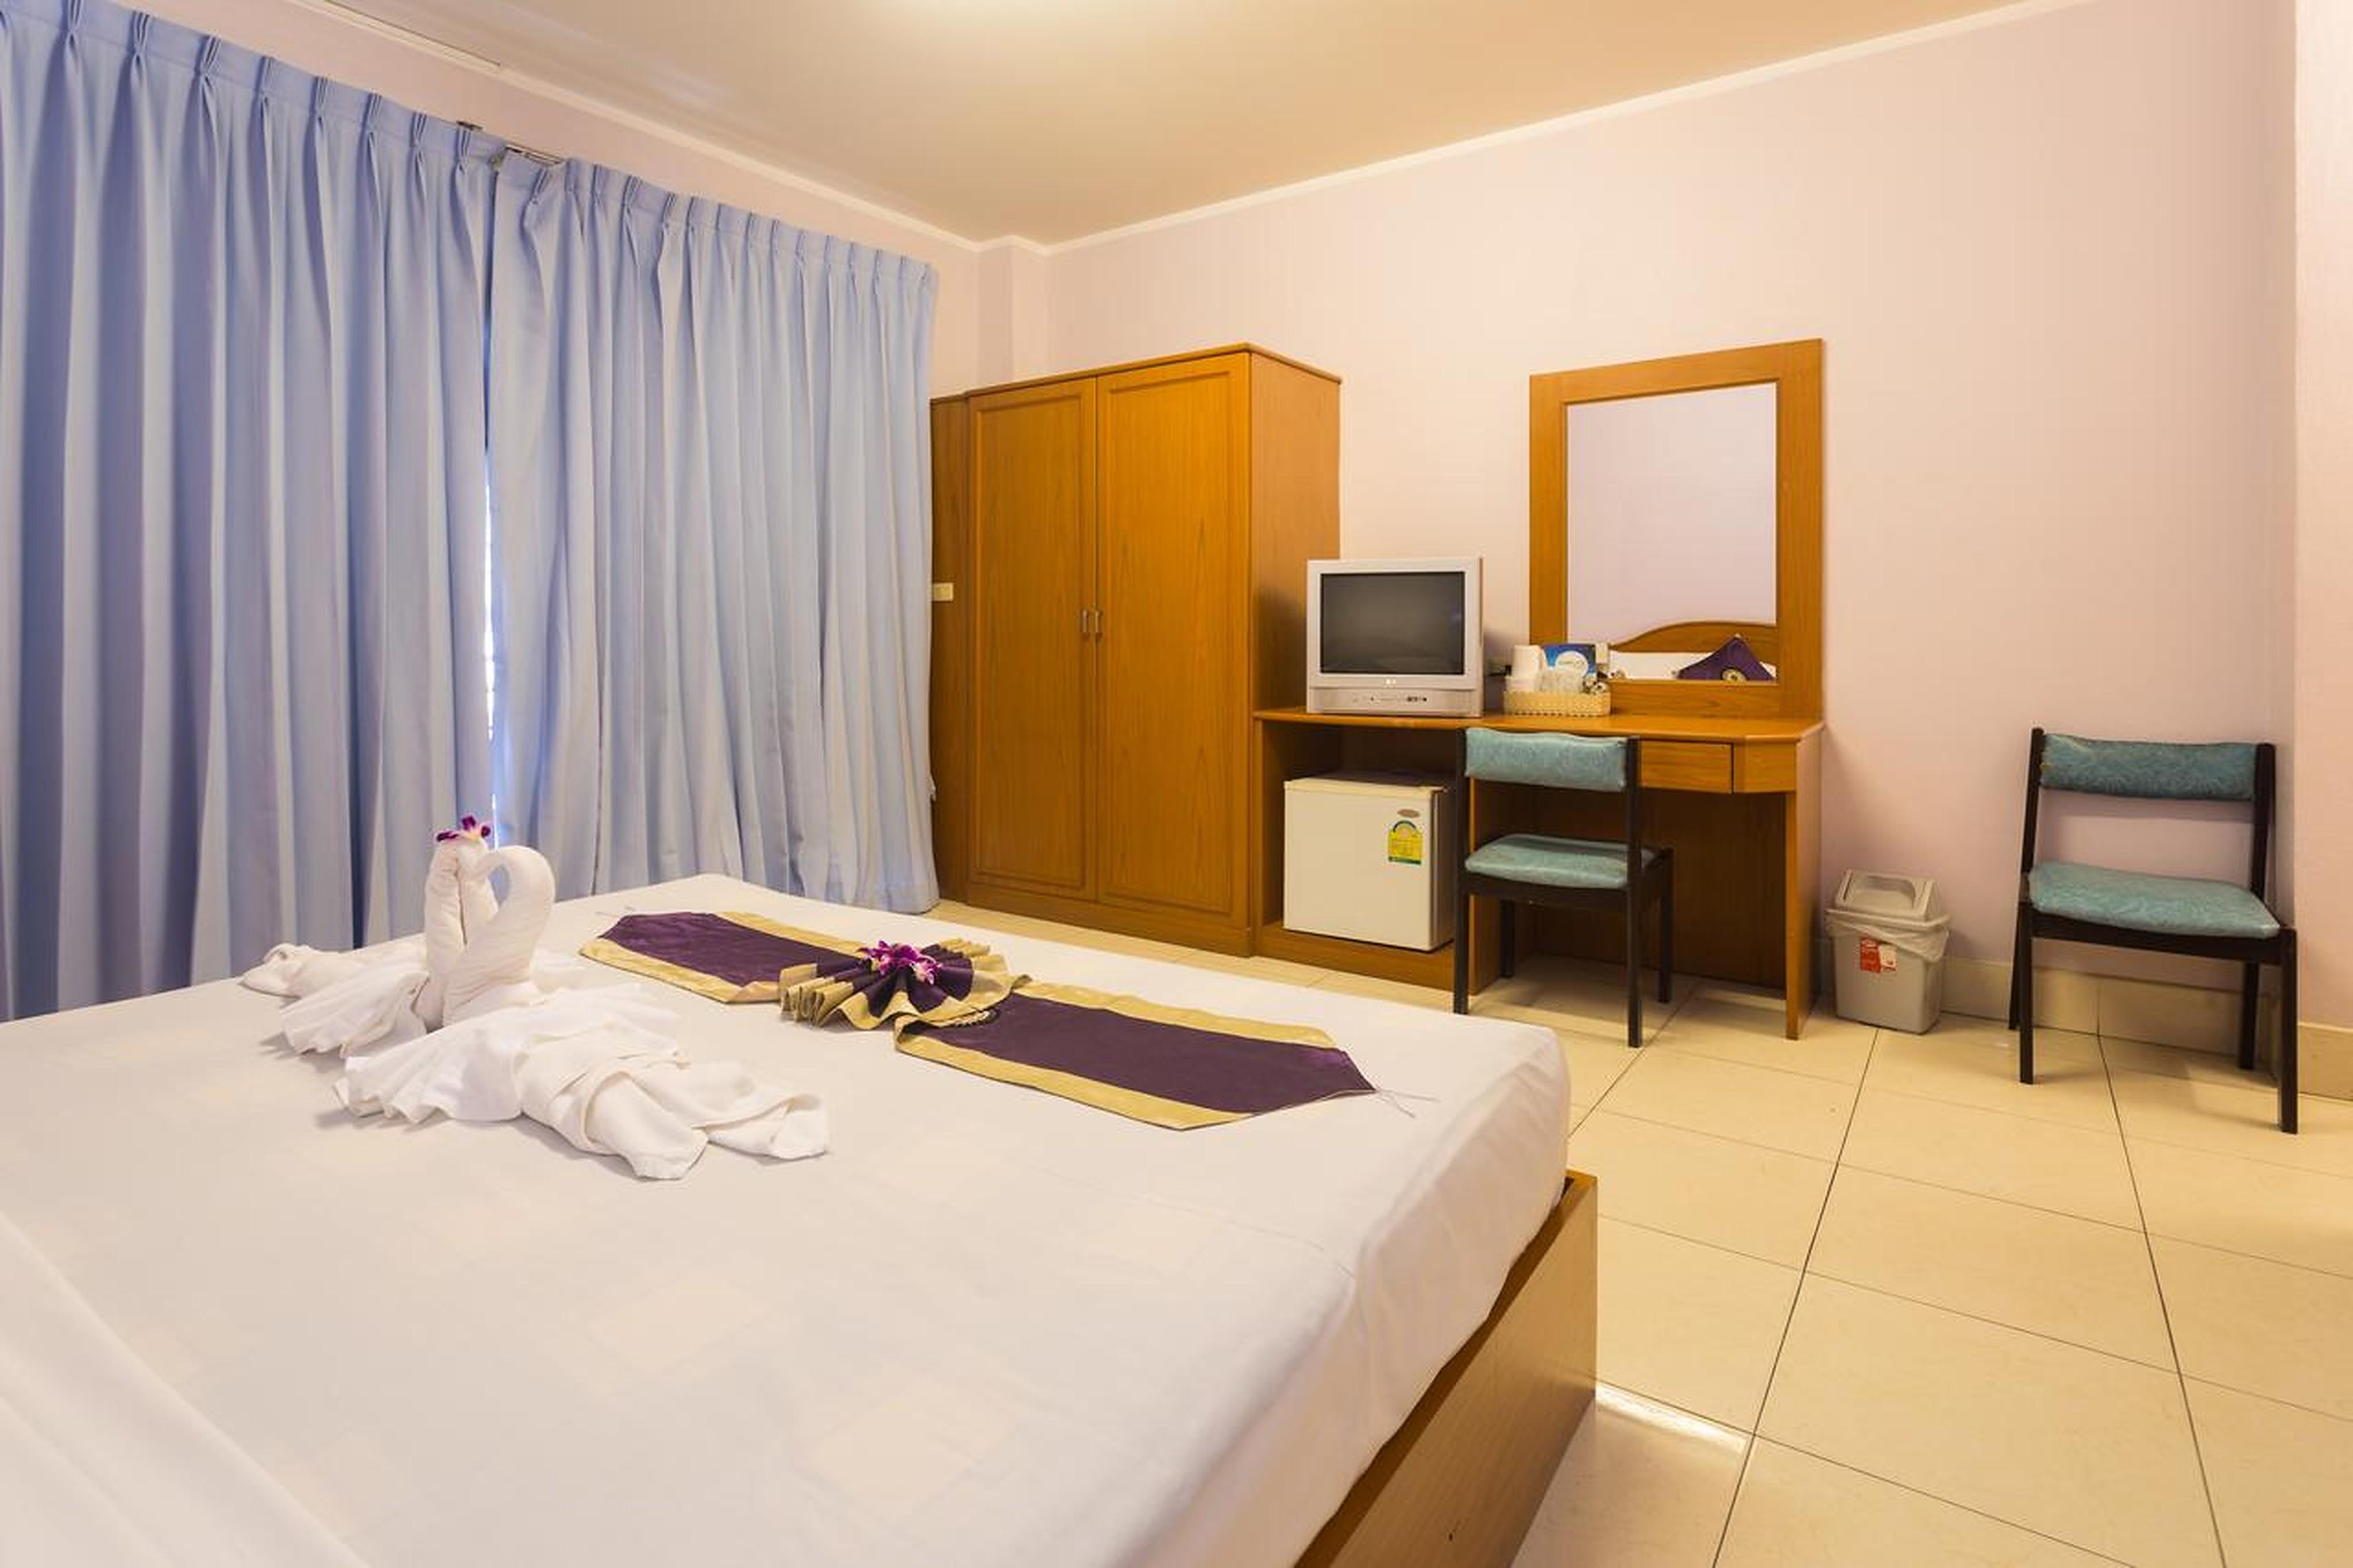 Gstehaus Belvedere - Schnes Zimmer fr 2 Personen, kostenlose Klimaanlage und WLAN